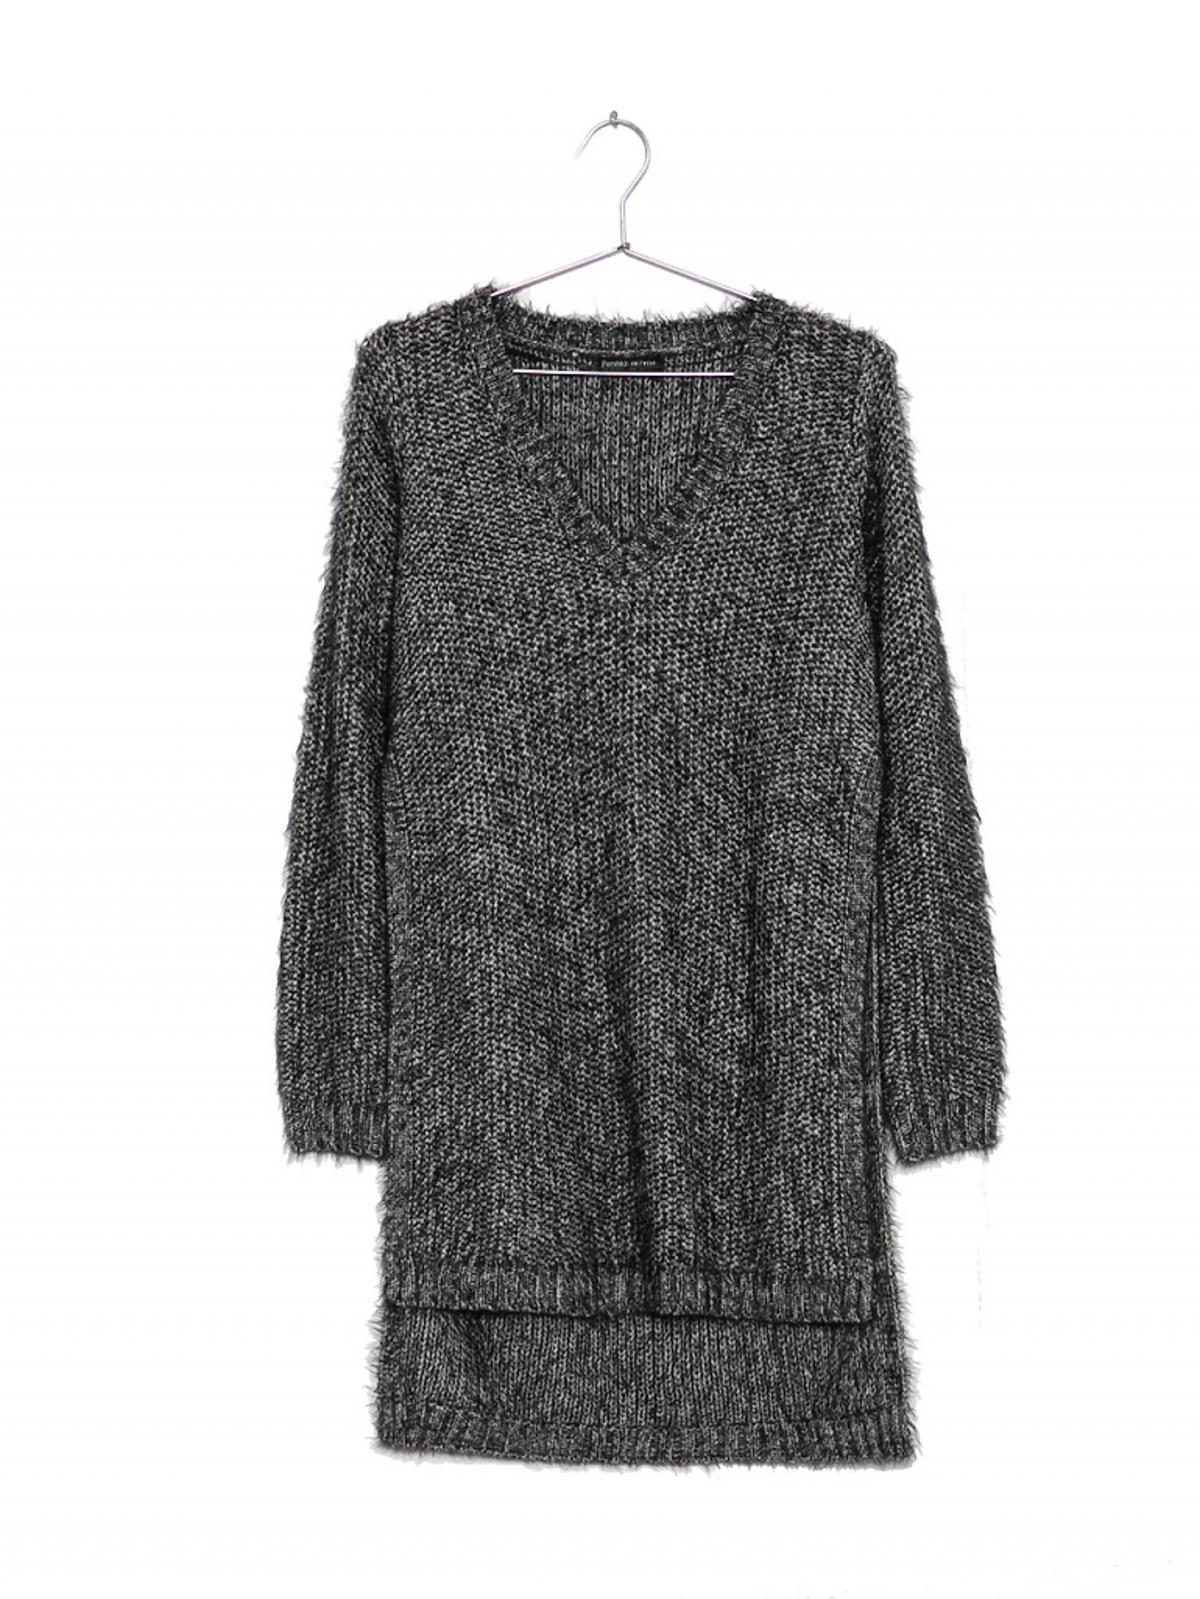 Sweter Bershka 59,90 zł (było: 119 zł)